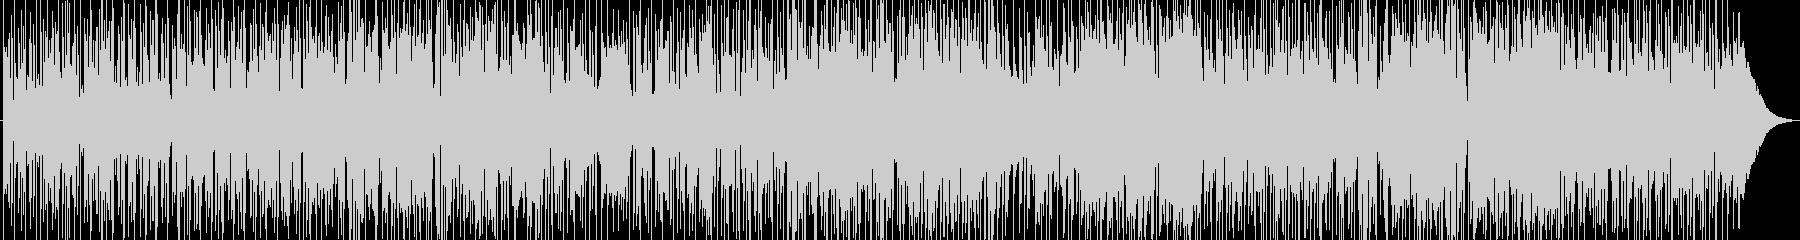 モノクロノユメの未再生の波形